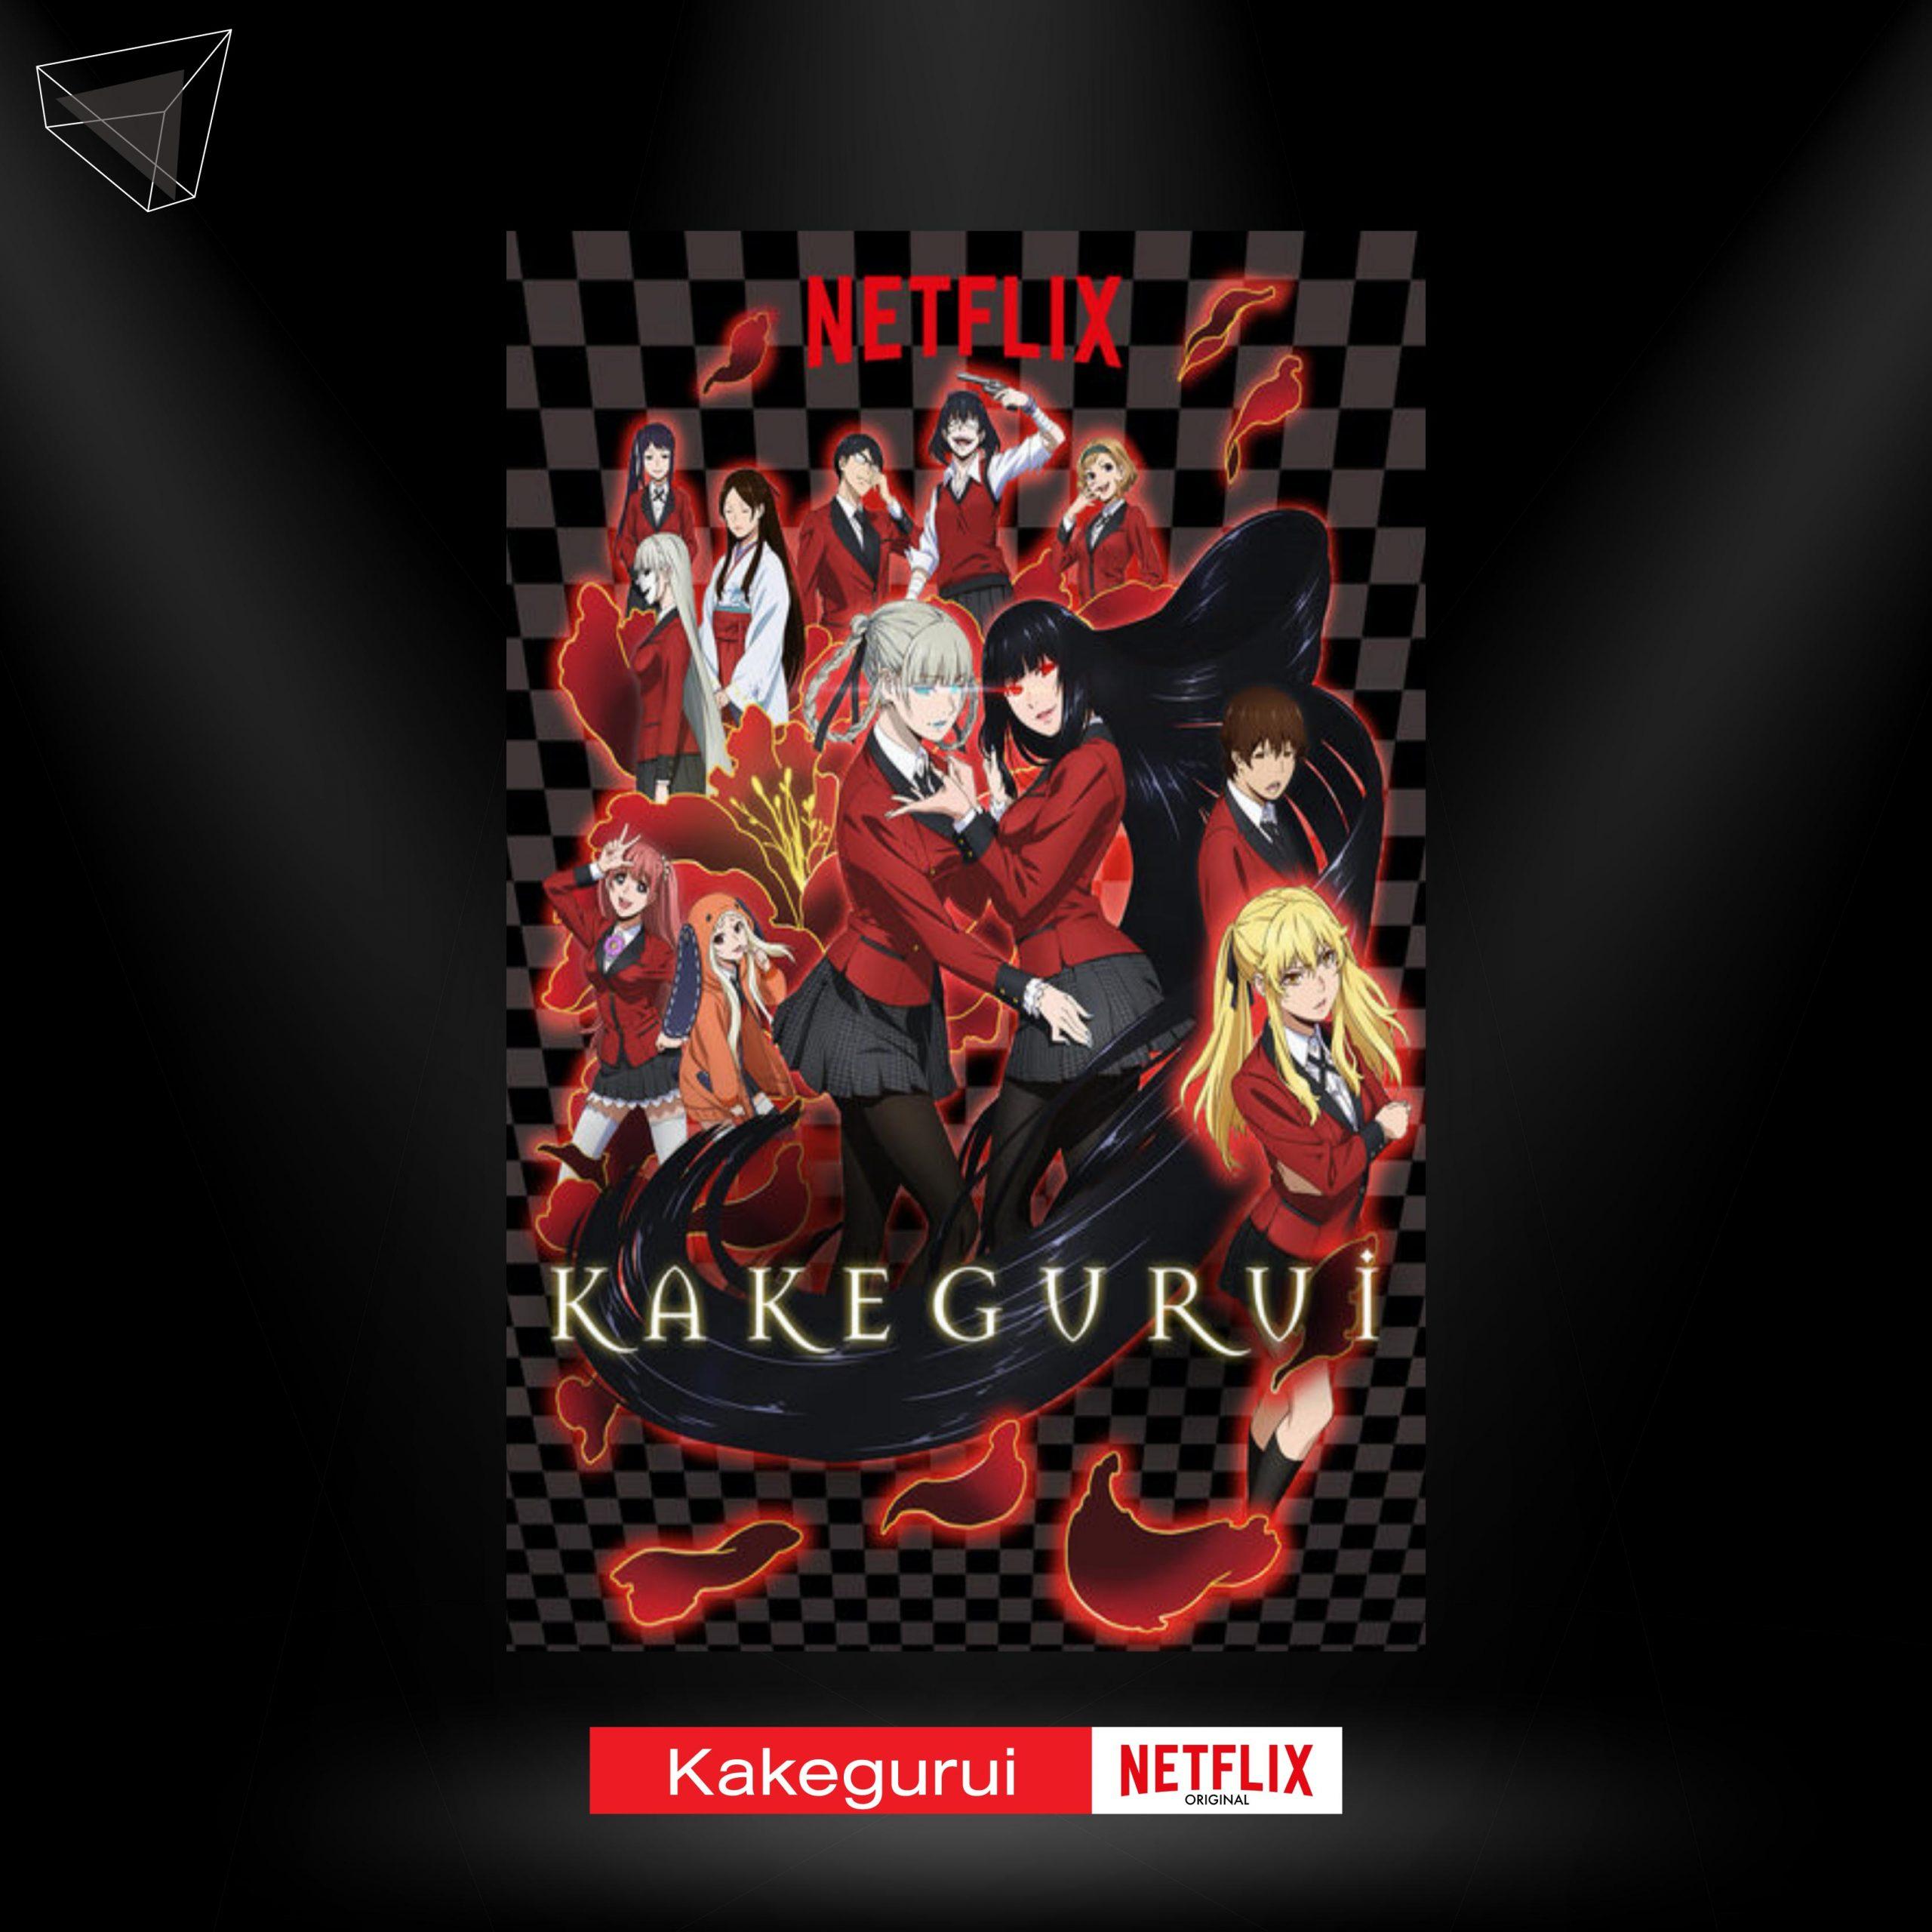 """อนิเมะน่าดู เรื่อง """"Kakegurui"""" (Netflix Originals)"""